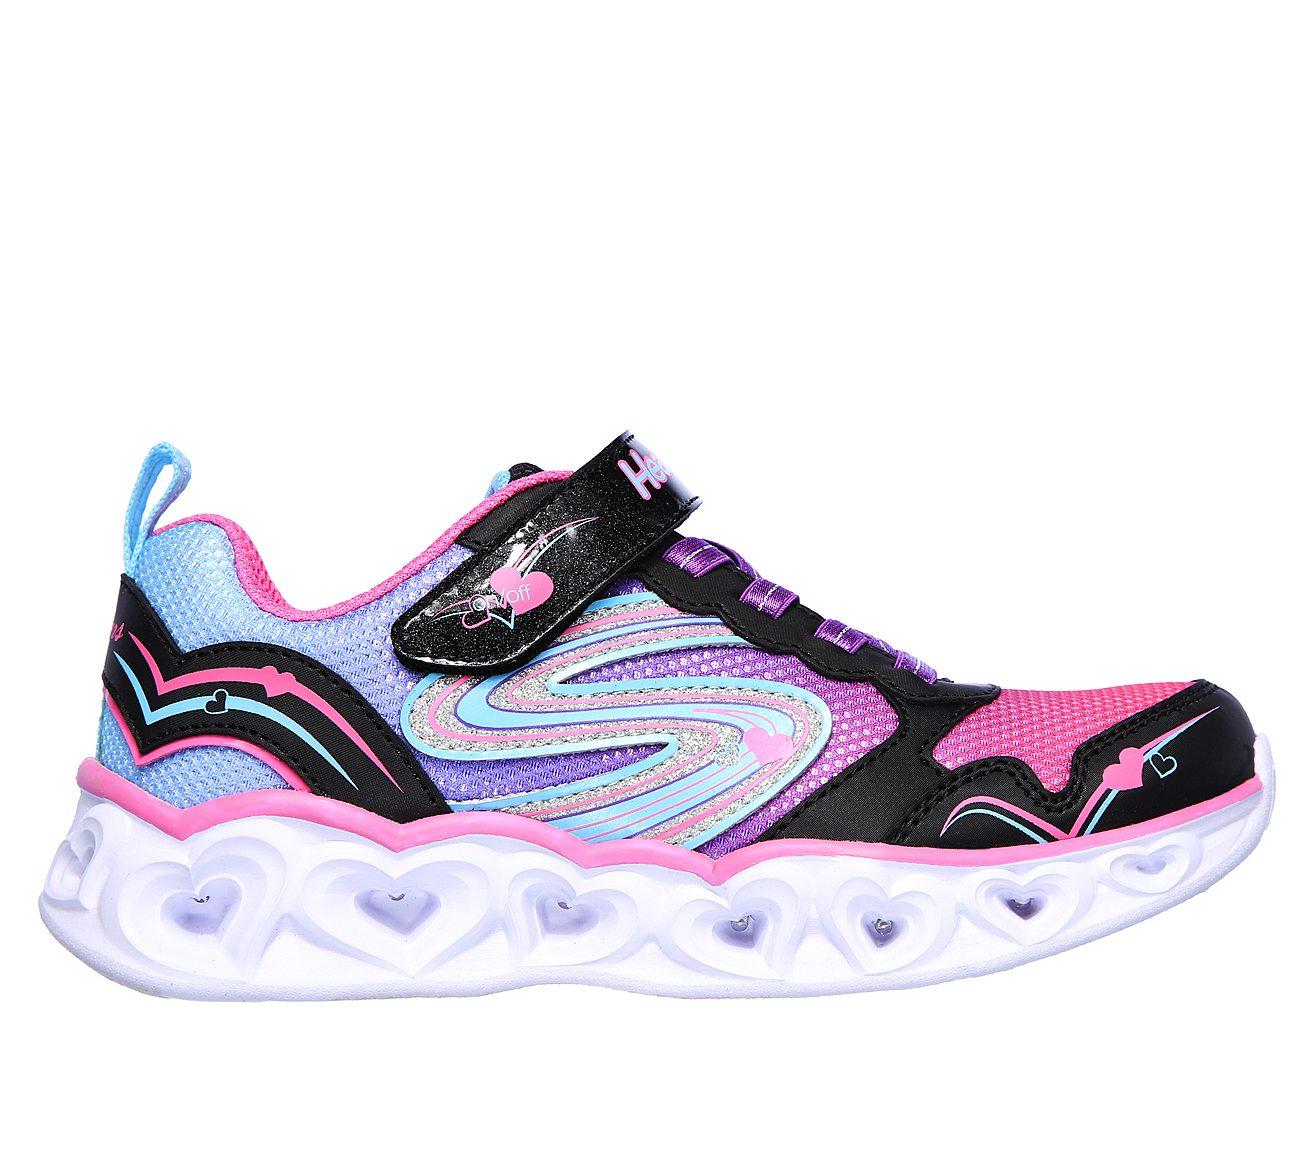 Girls' Skechers S Lights Light Sparks Sneaker BlackMulti